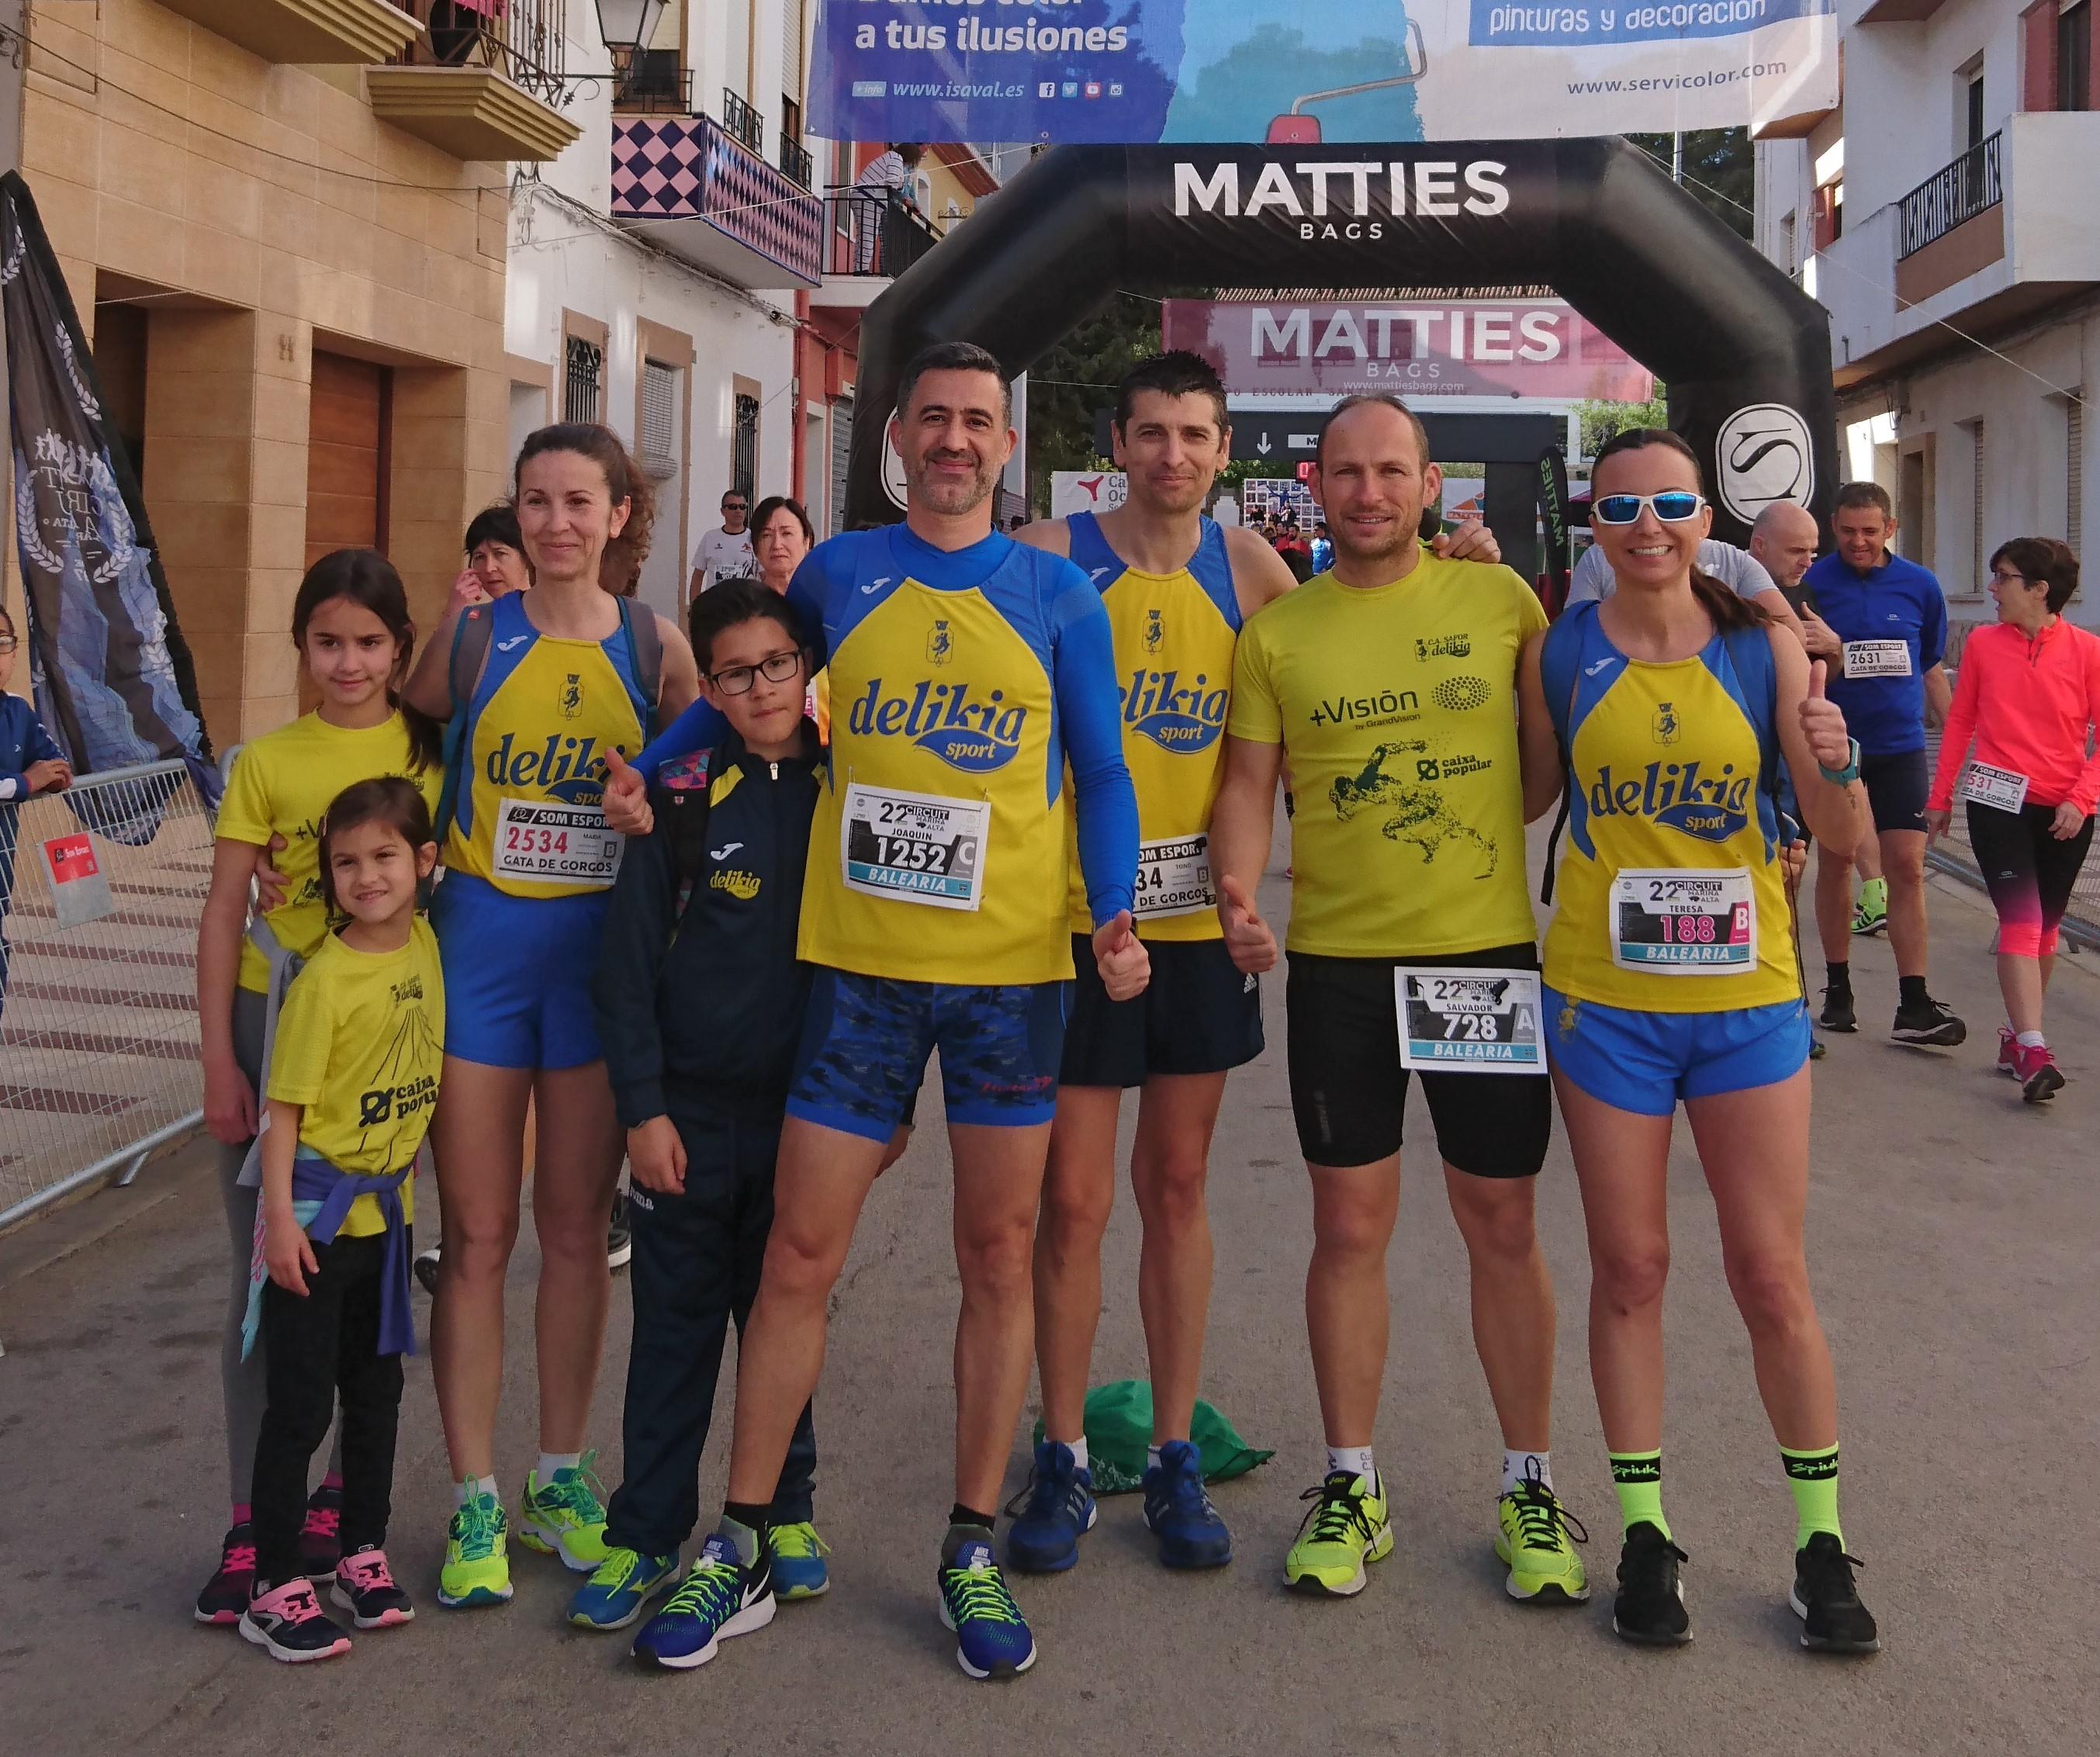 Un grup de corredors del CA Safor Delikia Sport a Gata de Gorgos.